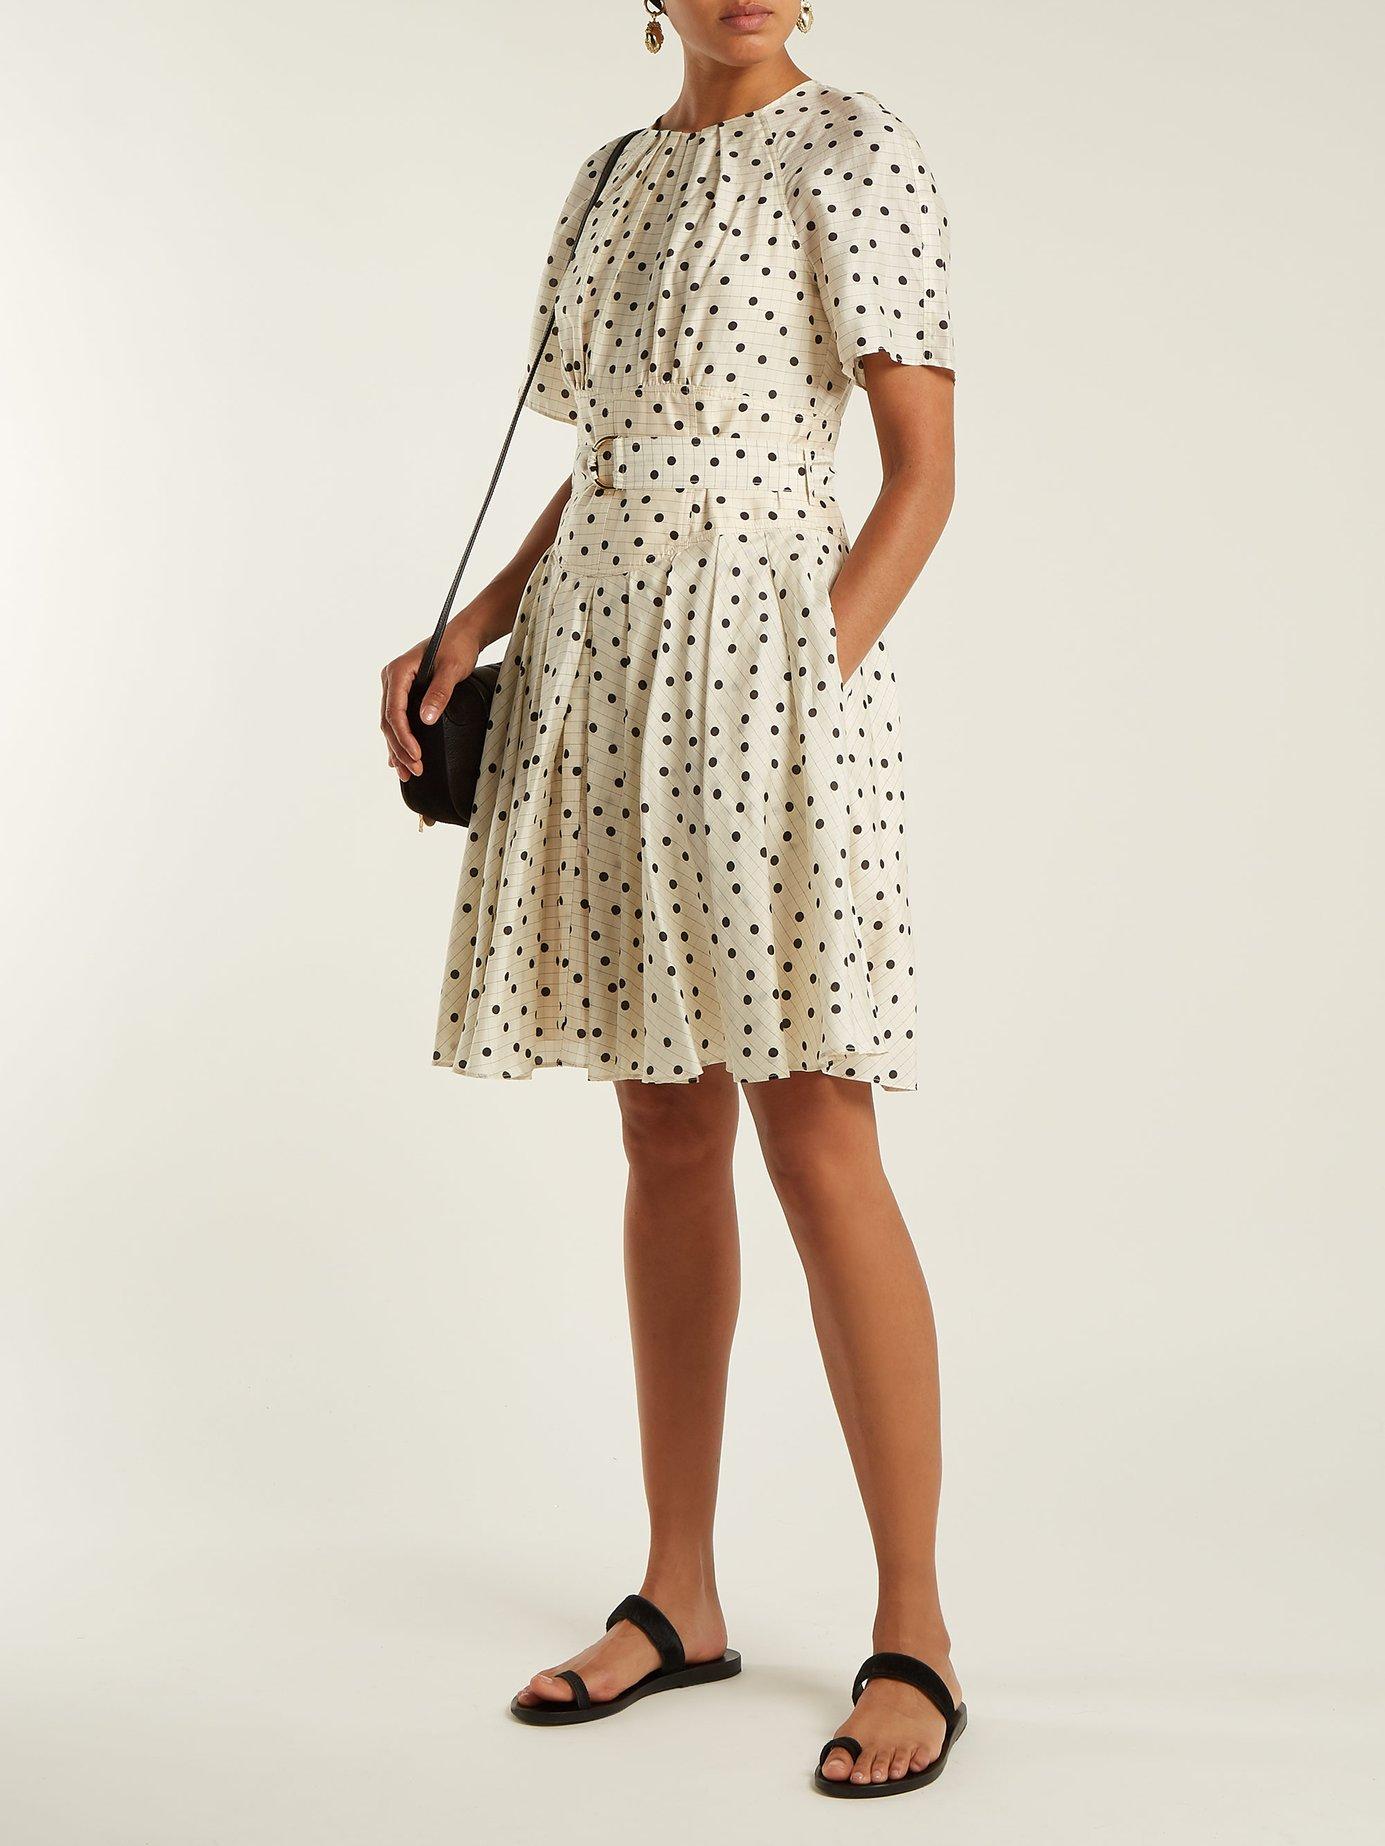 Ana polka dot-print silk dress by Diane Von Furstenberg